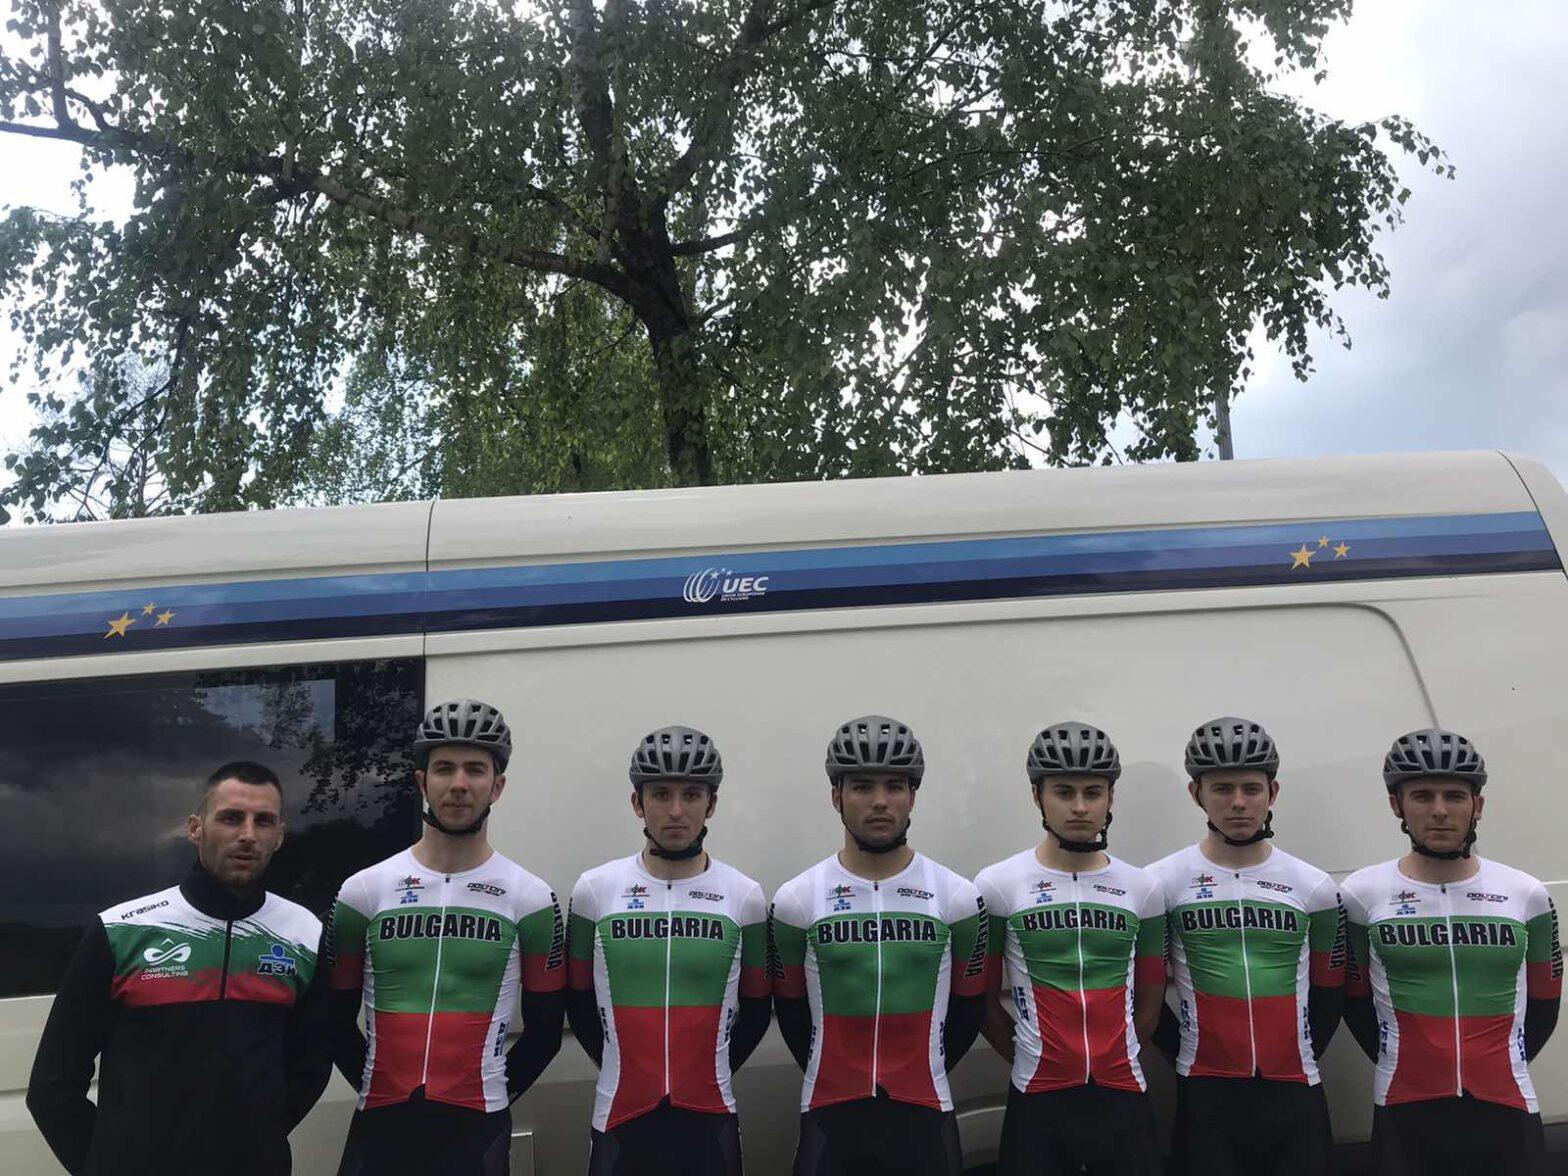 Националите утре стартират на Tour of Malopolska 2021